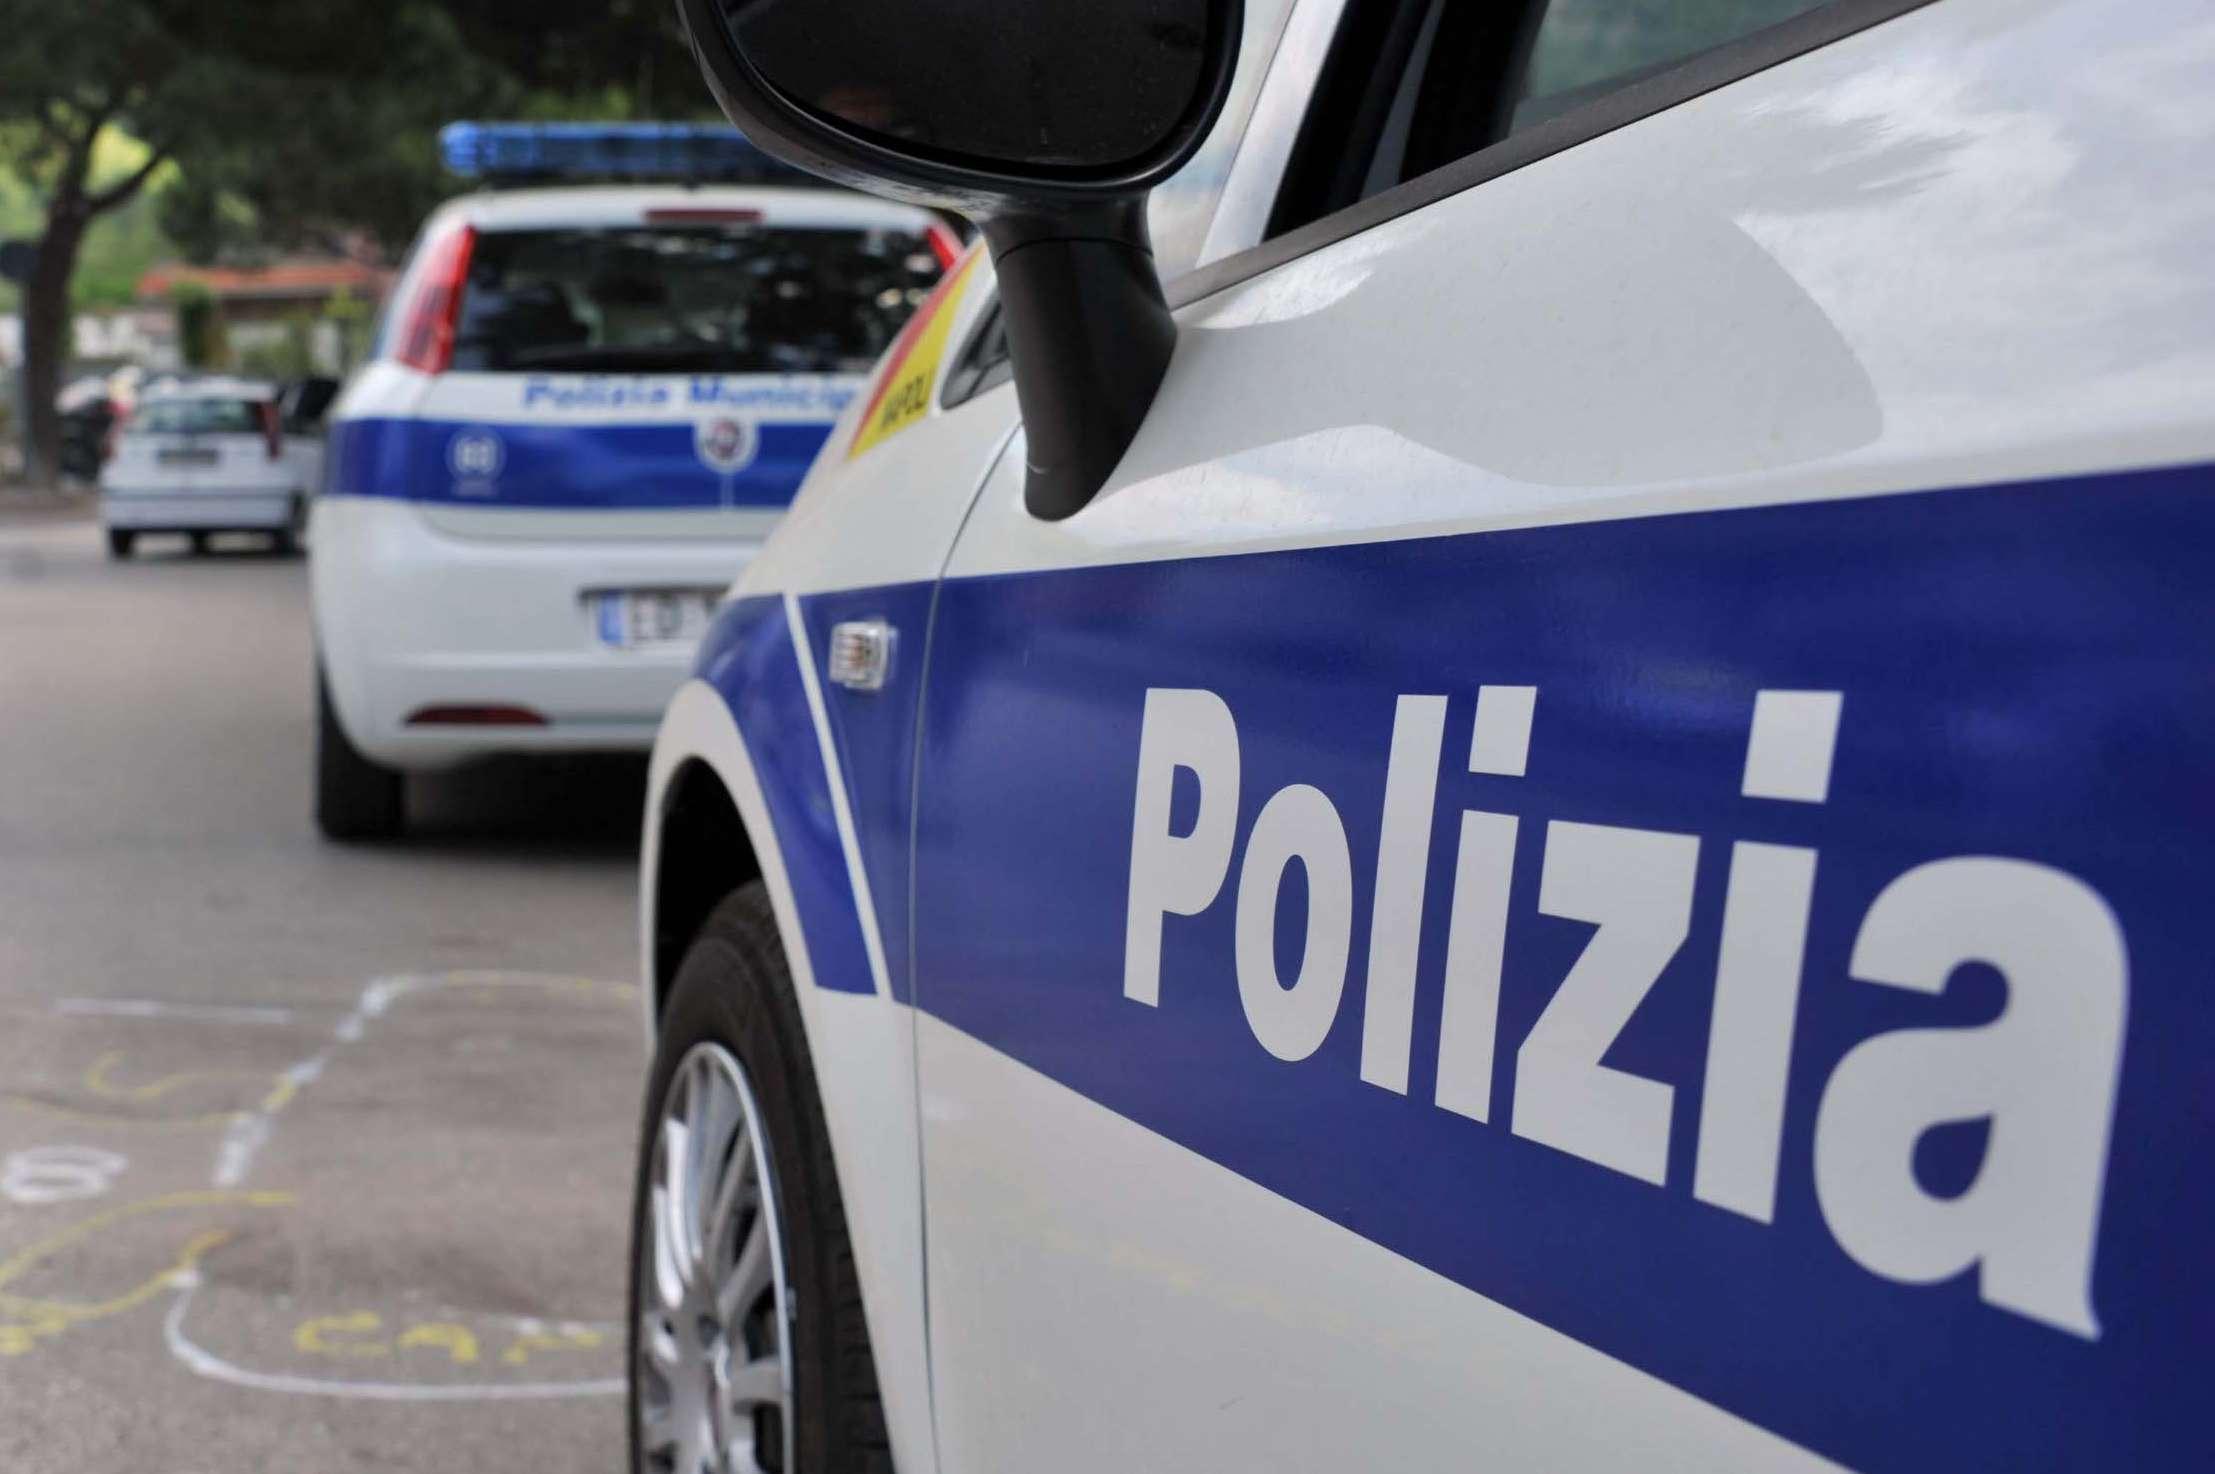 Castelvetrano: gravi episodi intimidatori al Comando della Polizia Municipale